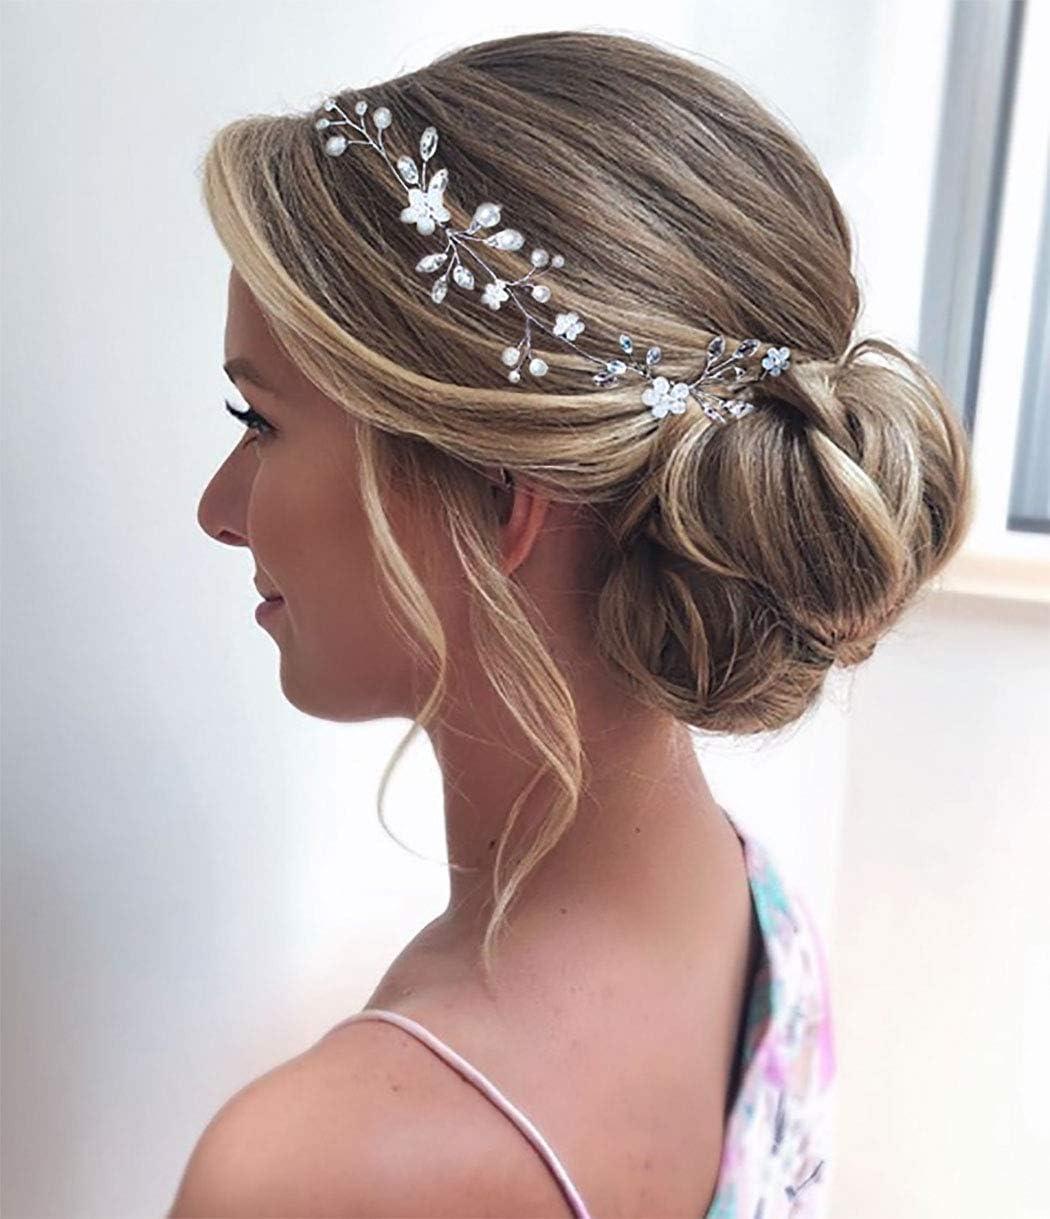 argento Unicra argento matrimonio fiore di cristallo capelli vite copricapo da sposa fasce accessori per capelli da sposa per le spose